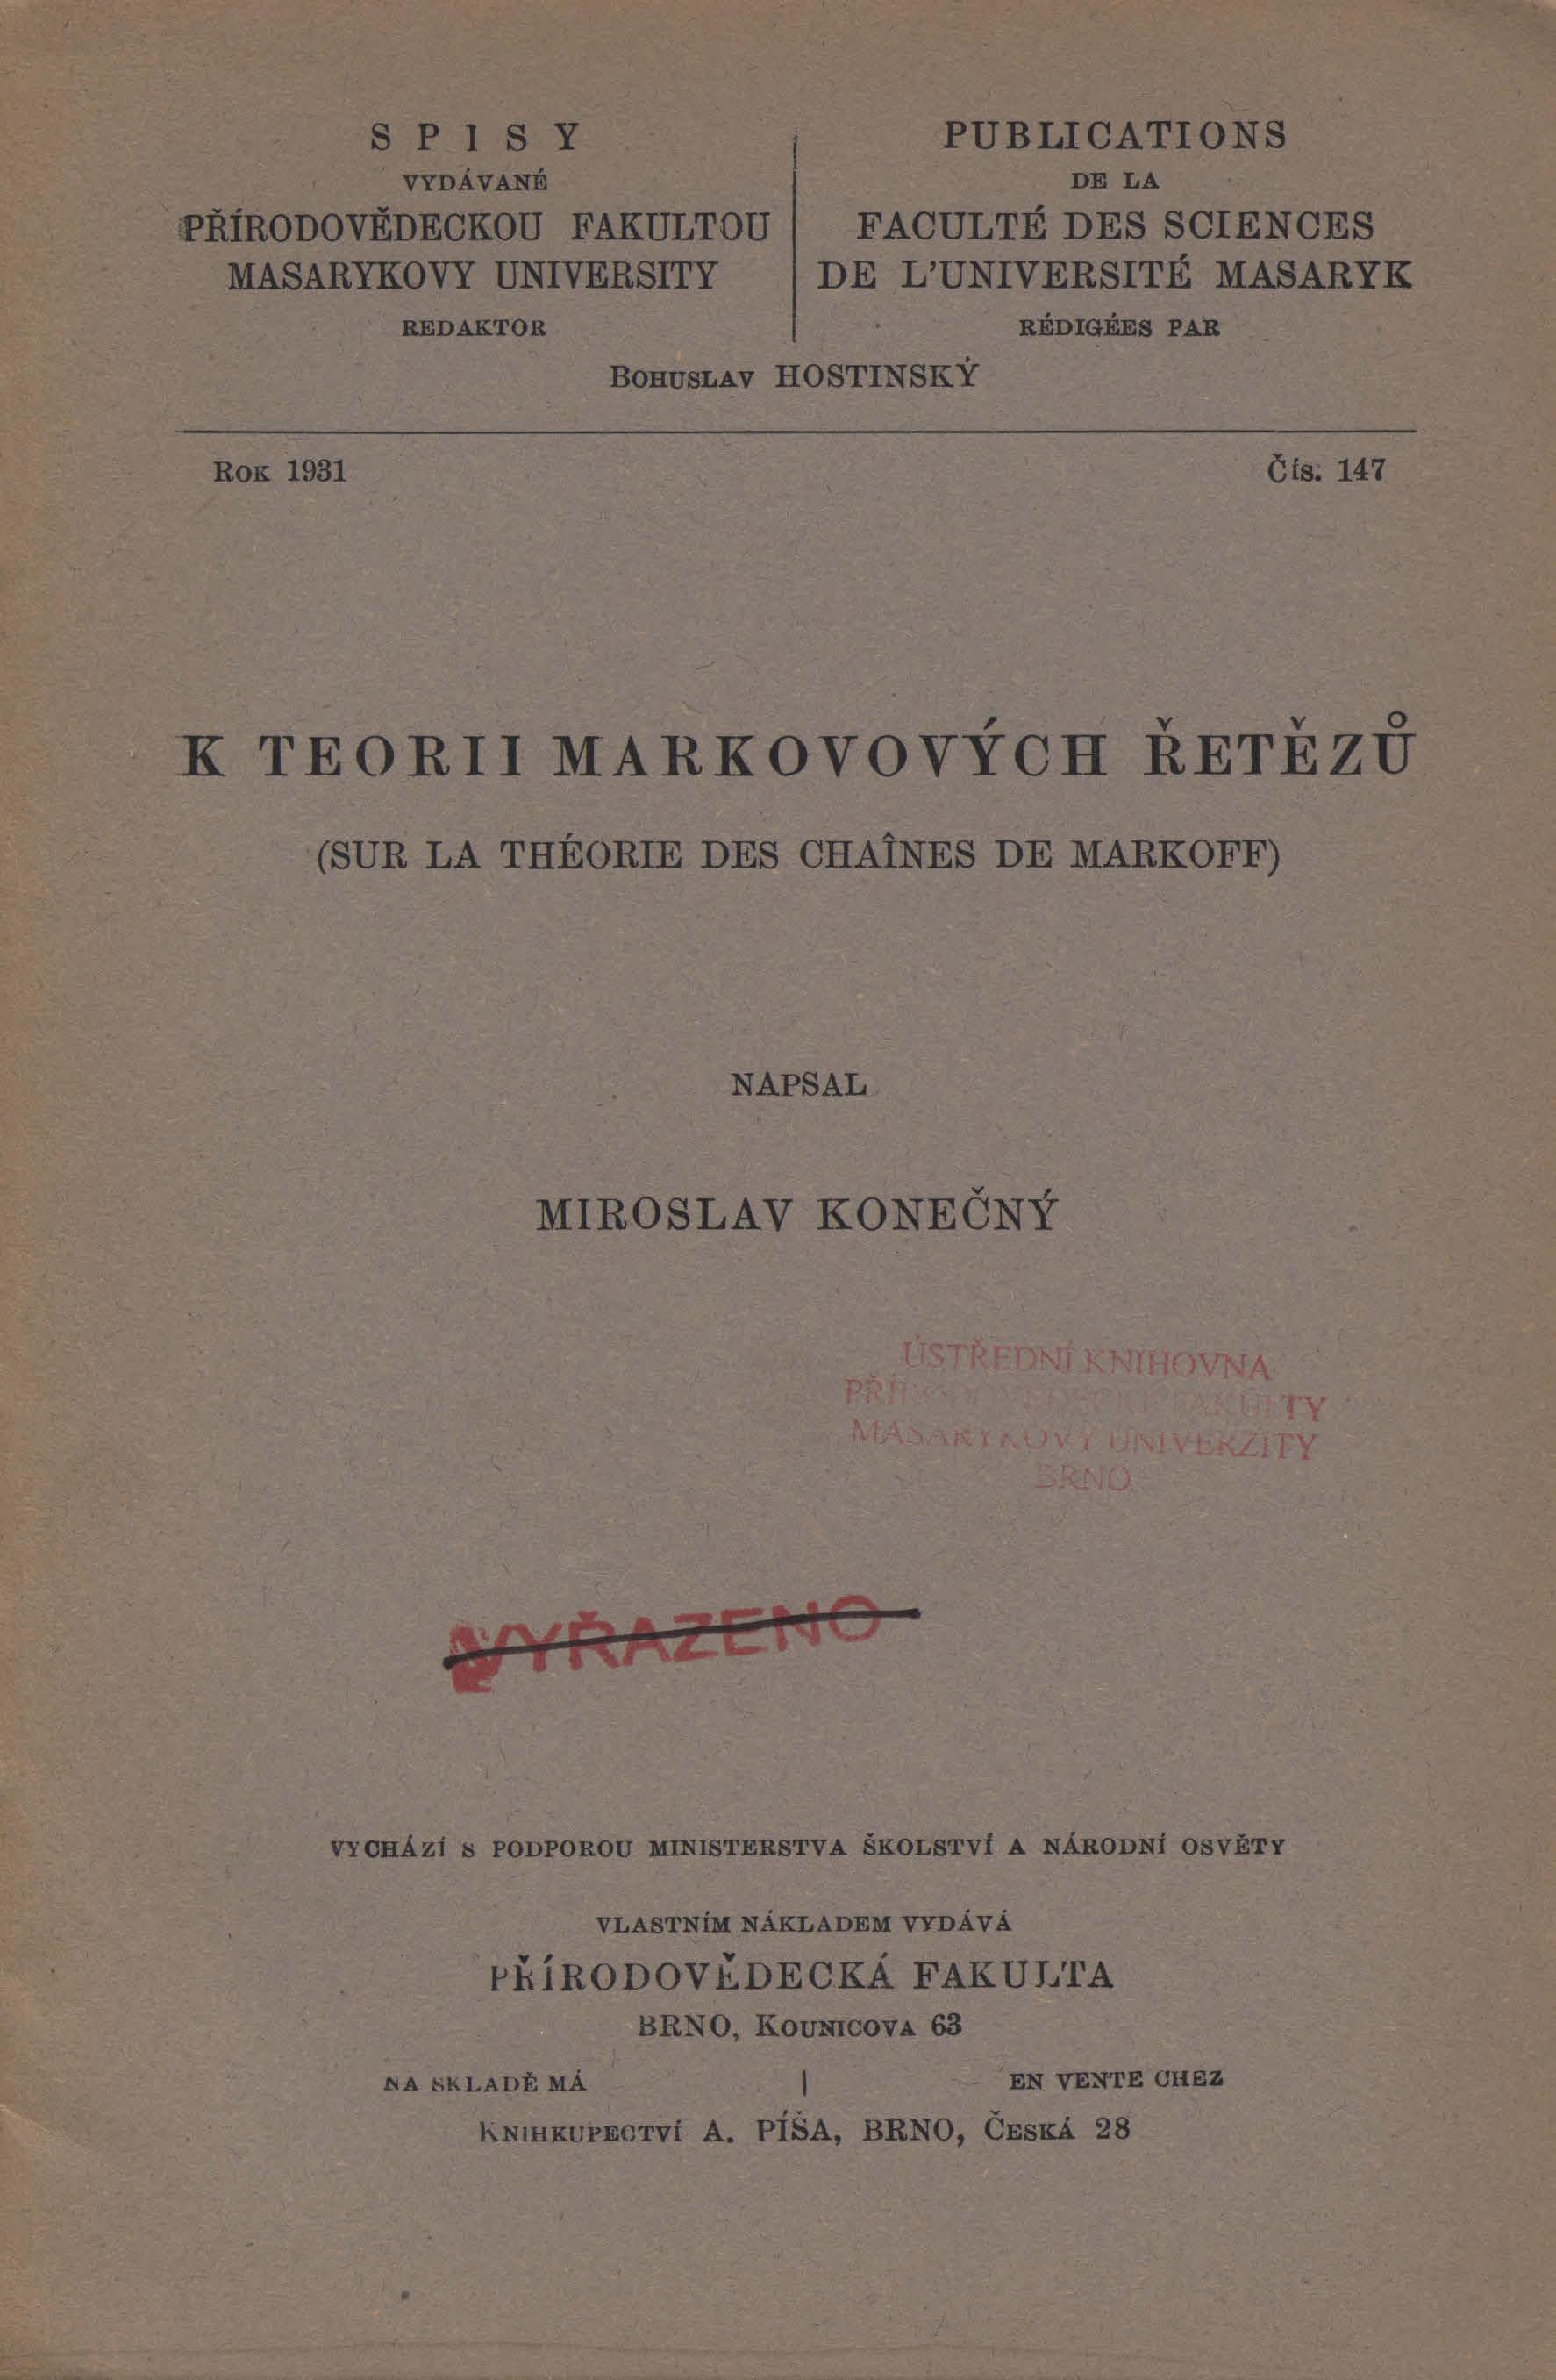 Obálka pro K teorii Markovových řetězů